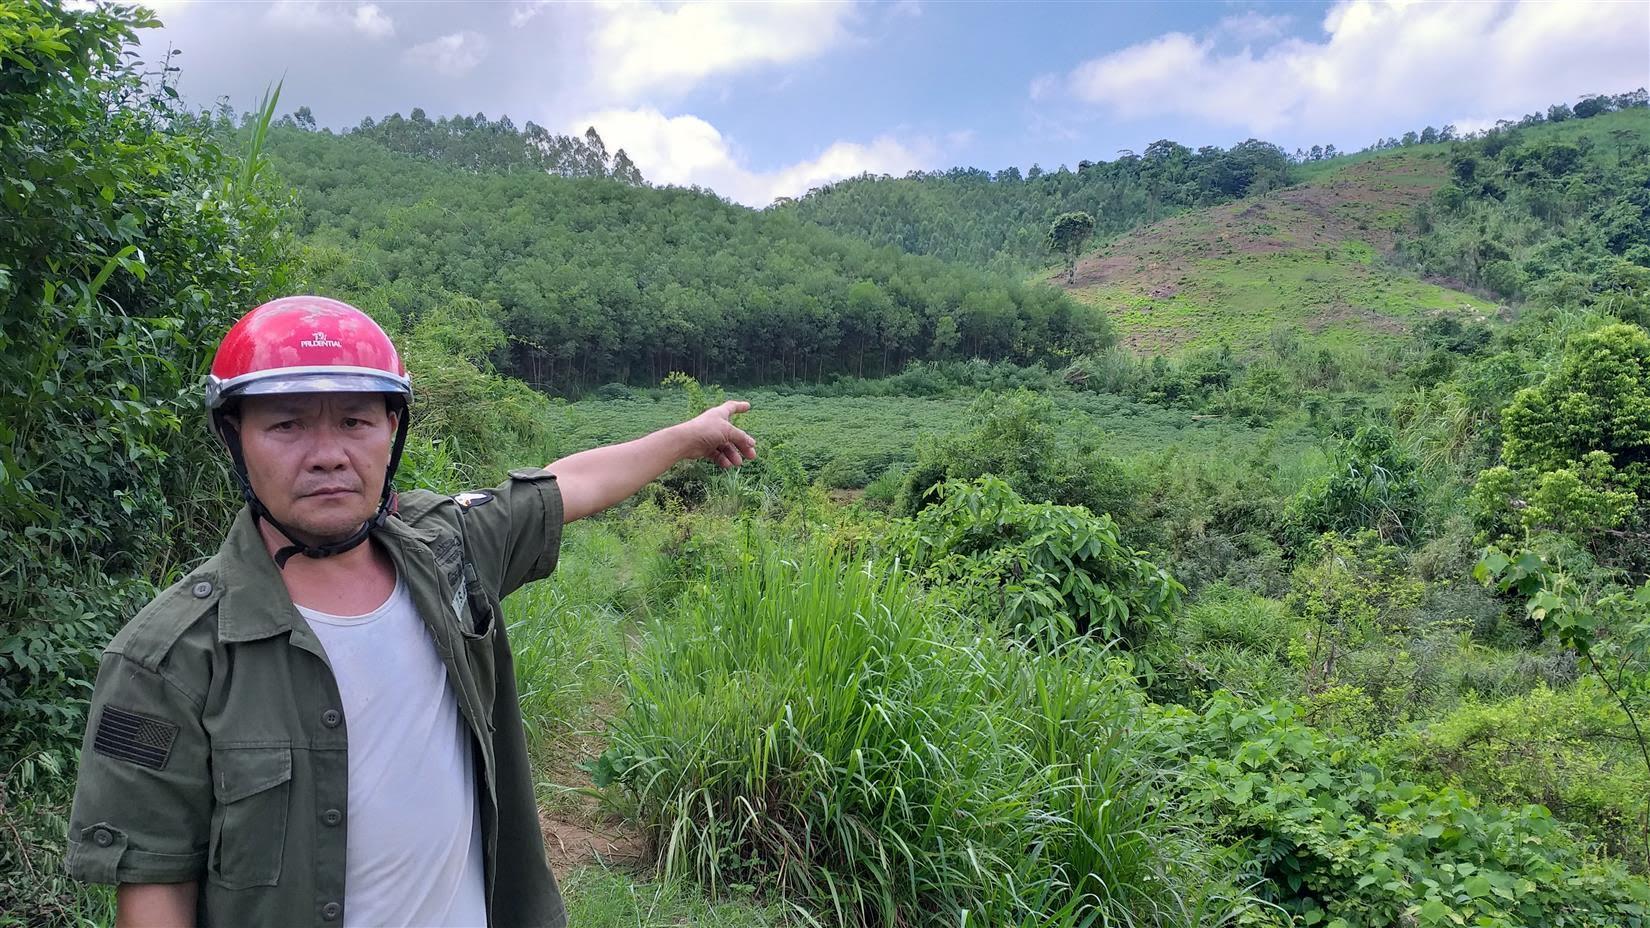 Ông Nguyễn Đình Tứ chỉ tay về hướng thửa đất được Nhà nước giao khoán nhưng lại bị người khác xâm chiếm